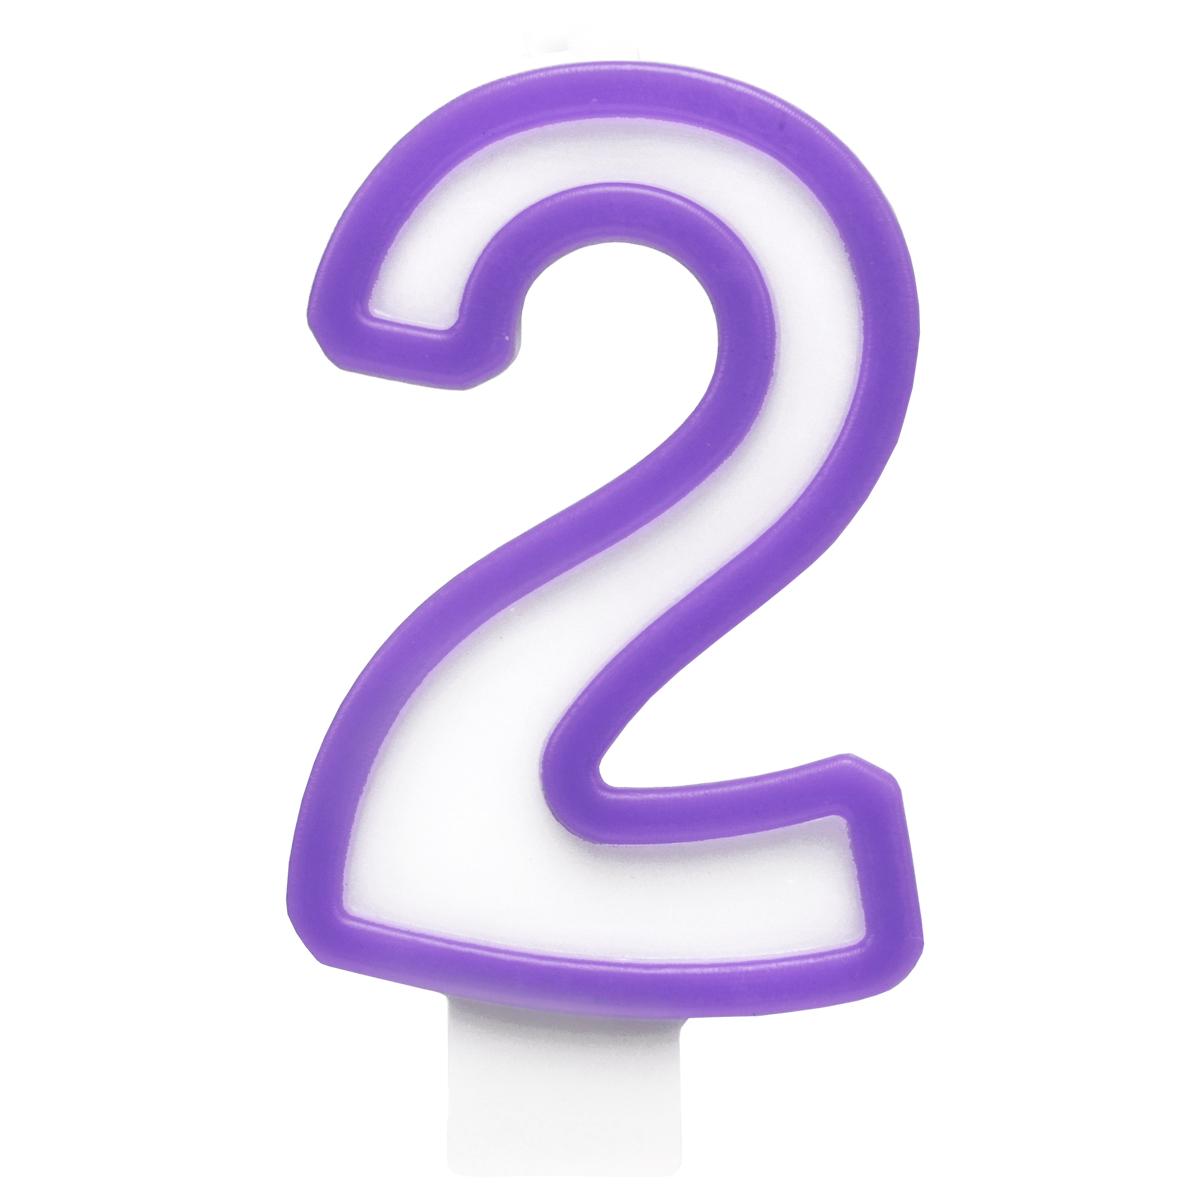 Action! Свеча-цифра для торта 2 года цвет фиолетовый action свеча цифра для торта 4 года цвет салатовый